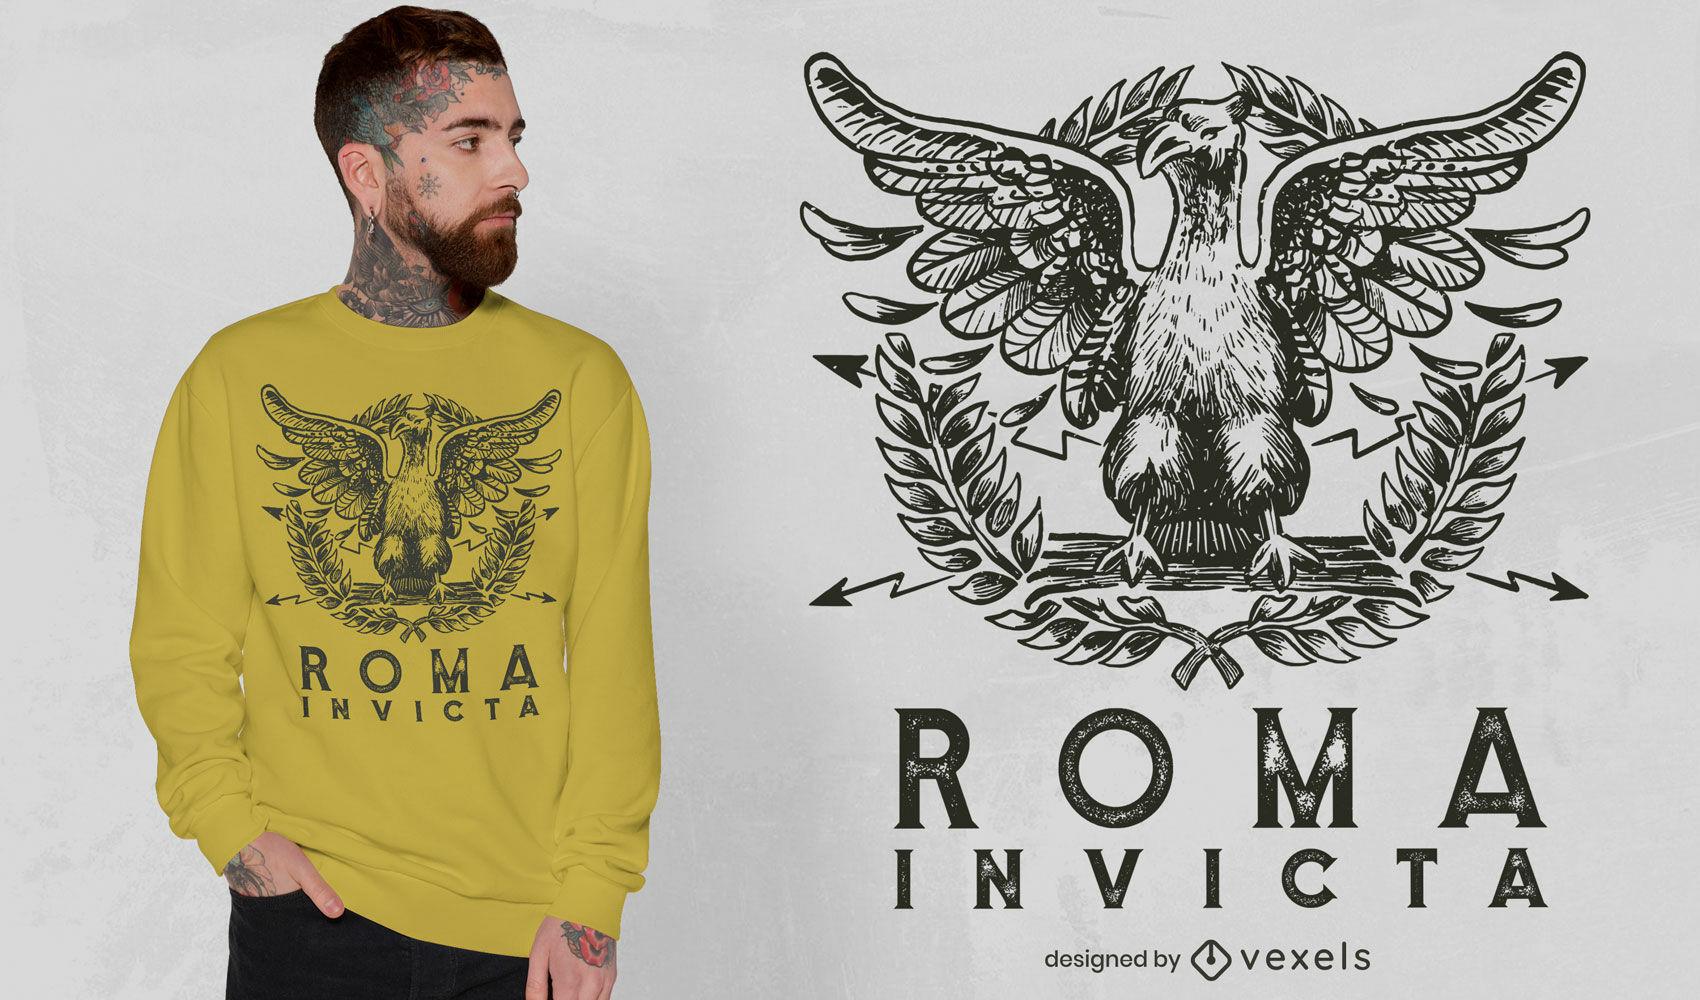 Diseño de camiseta Roma invicta